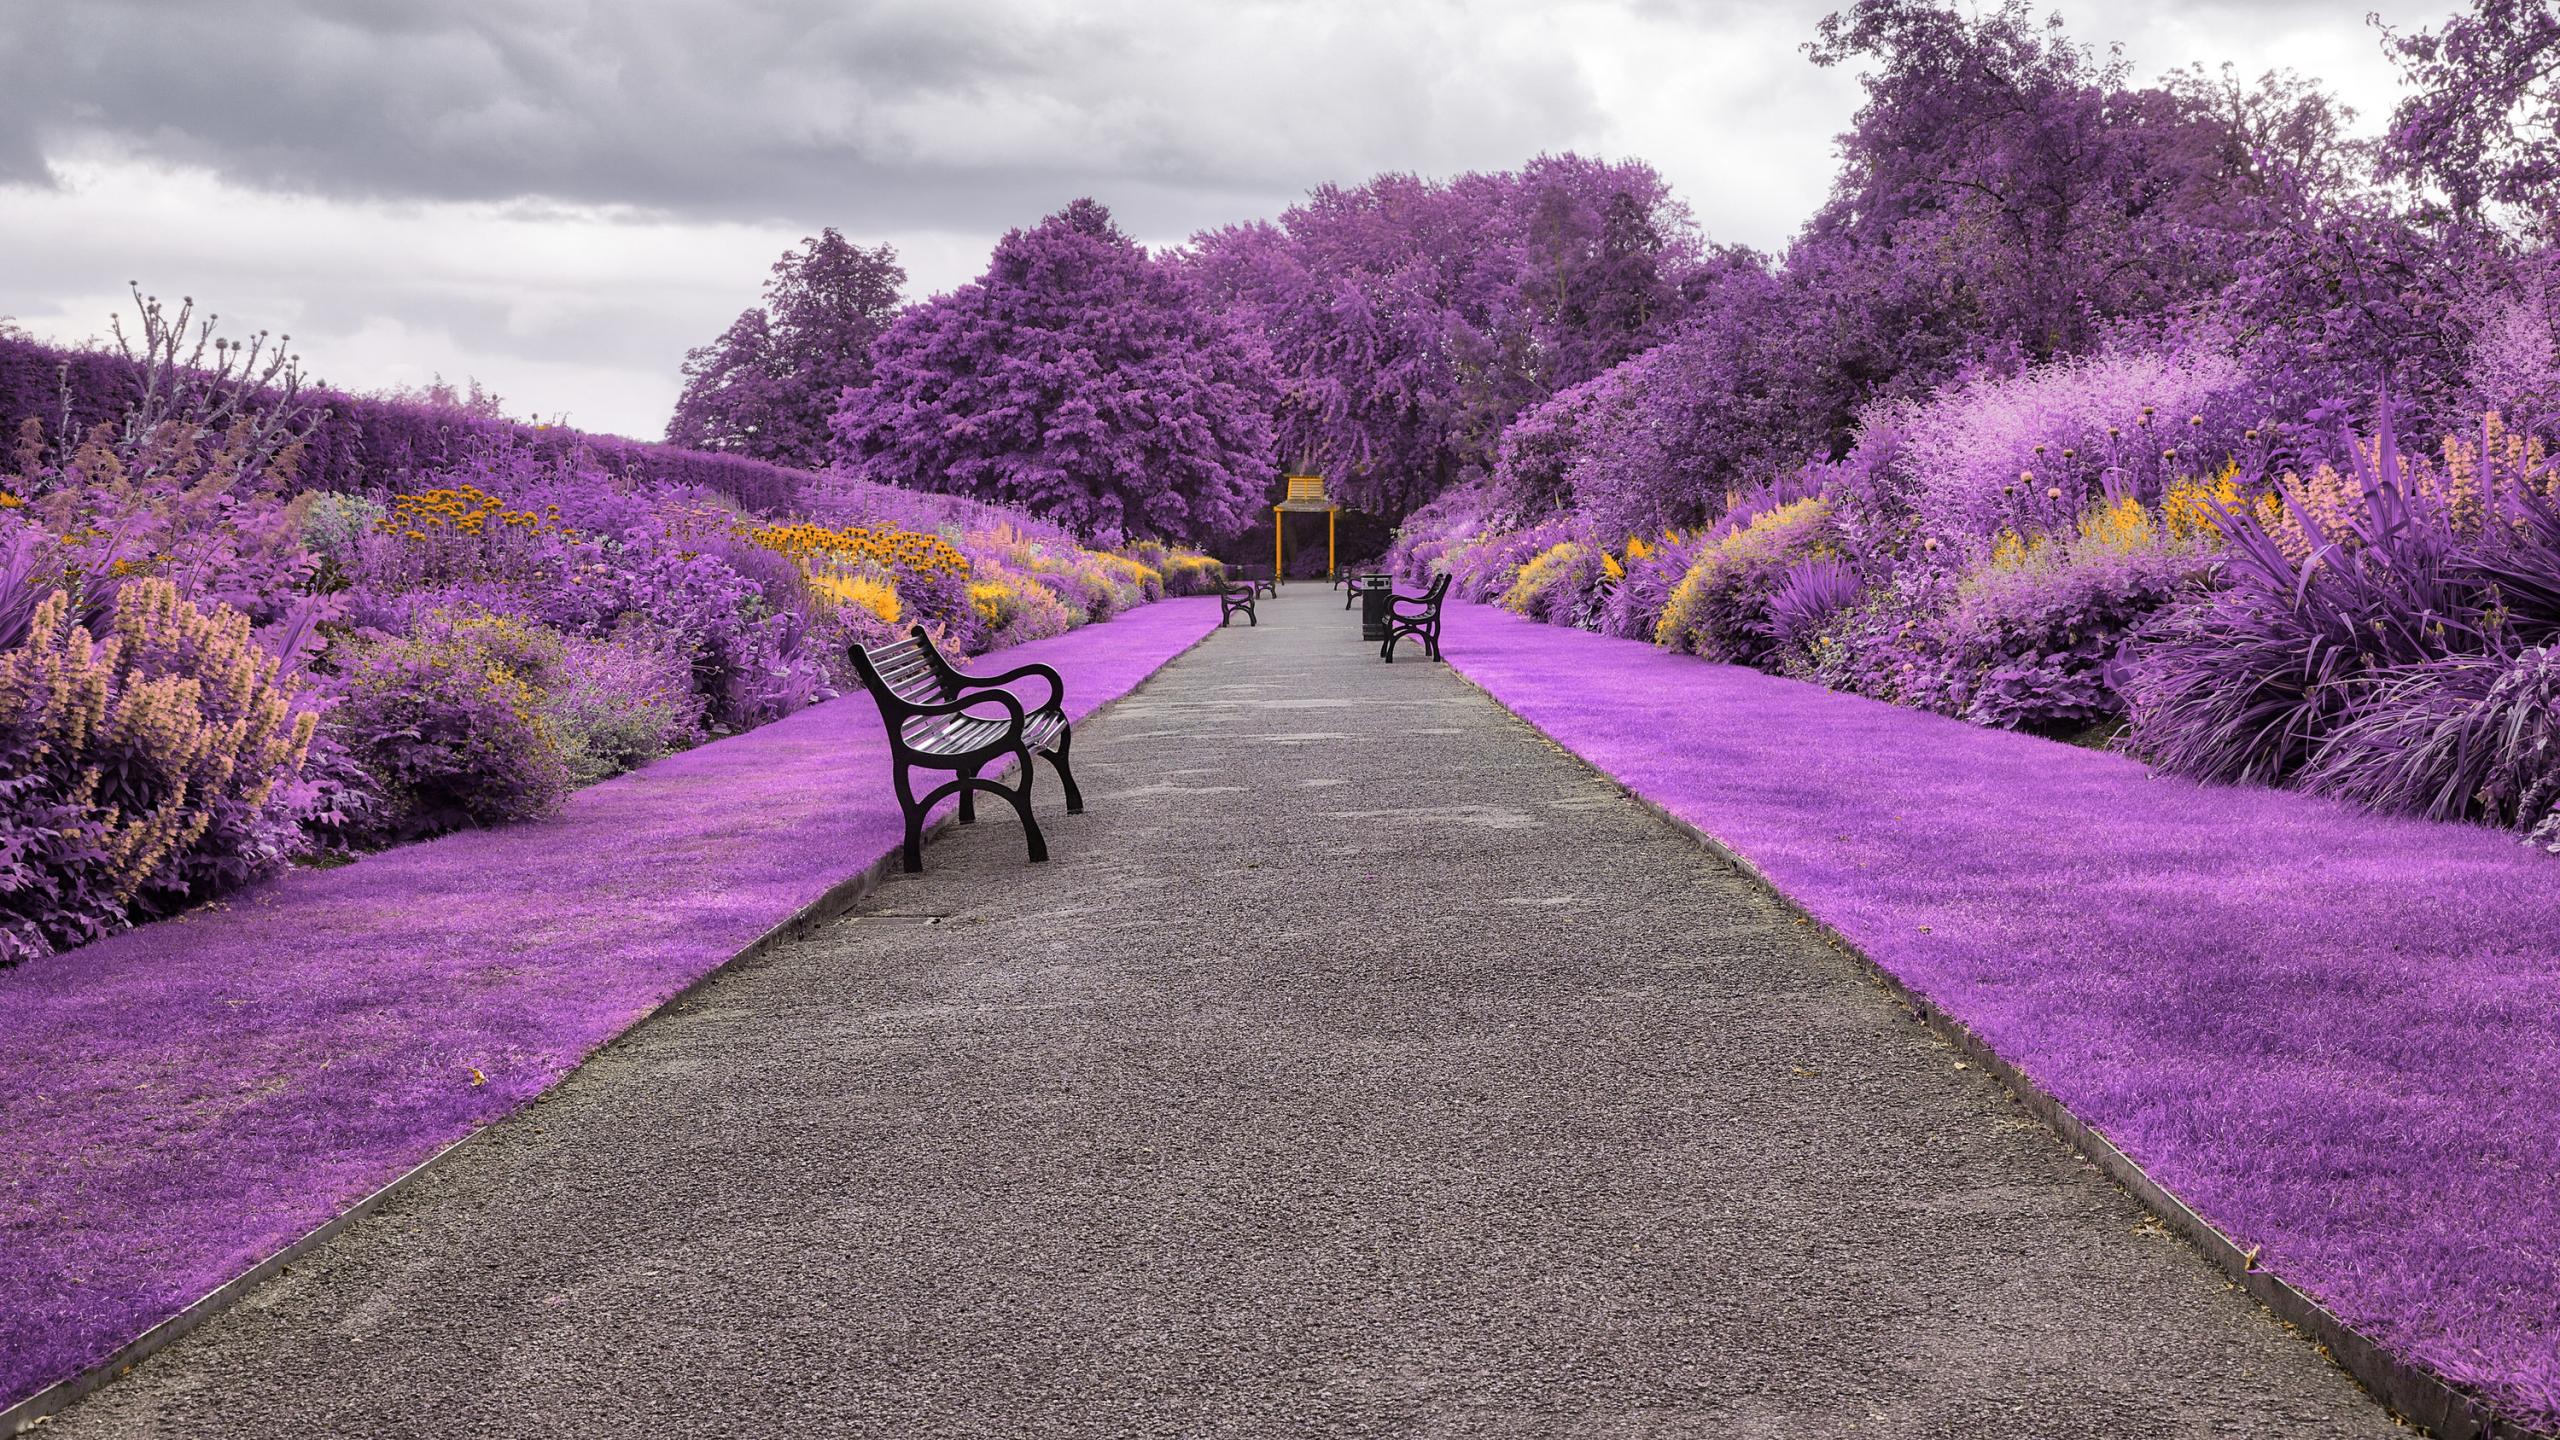 2560x1440 Belfast Botanic Gardens in Northern Ireland 1440P 2560x1440